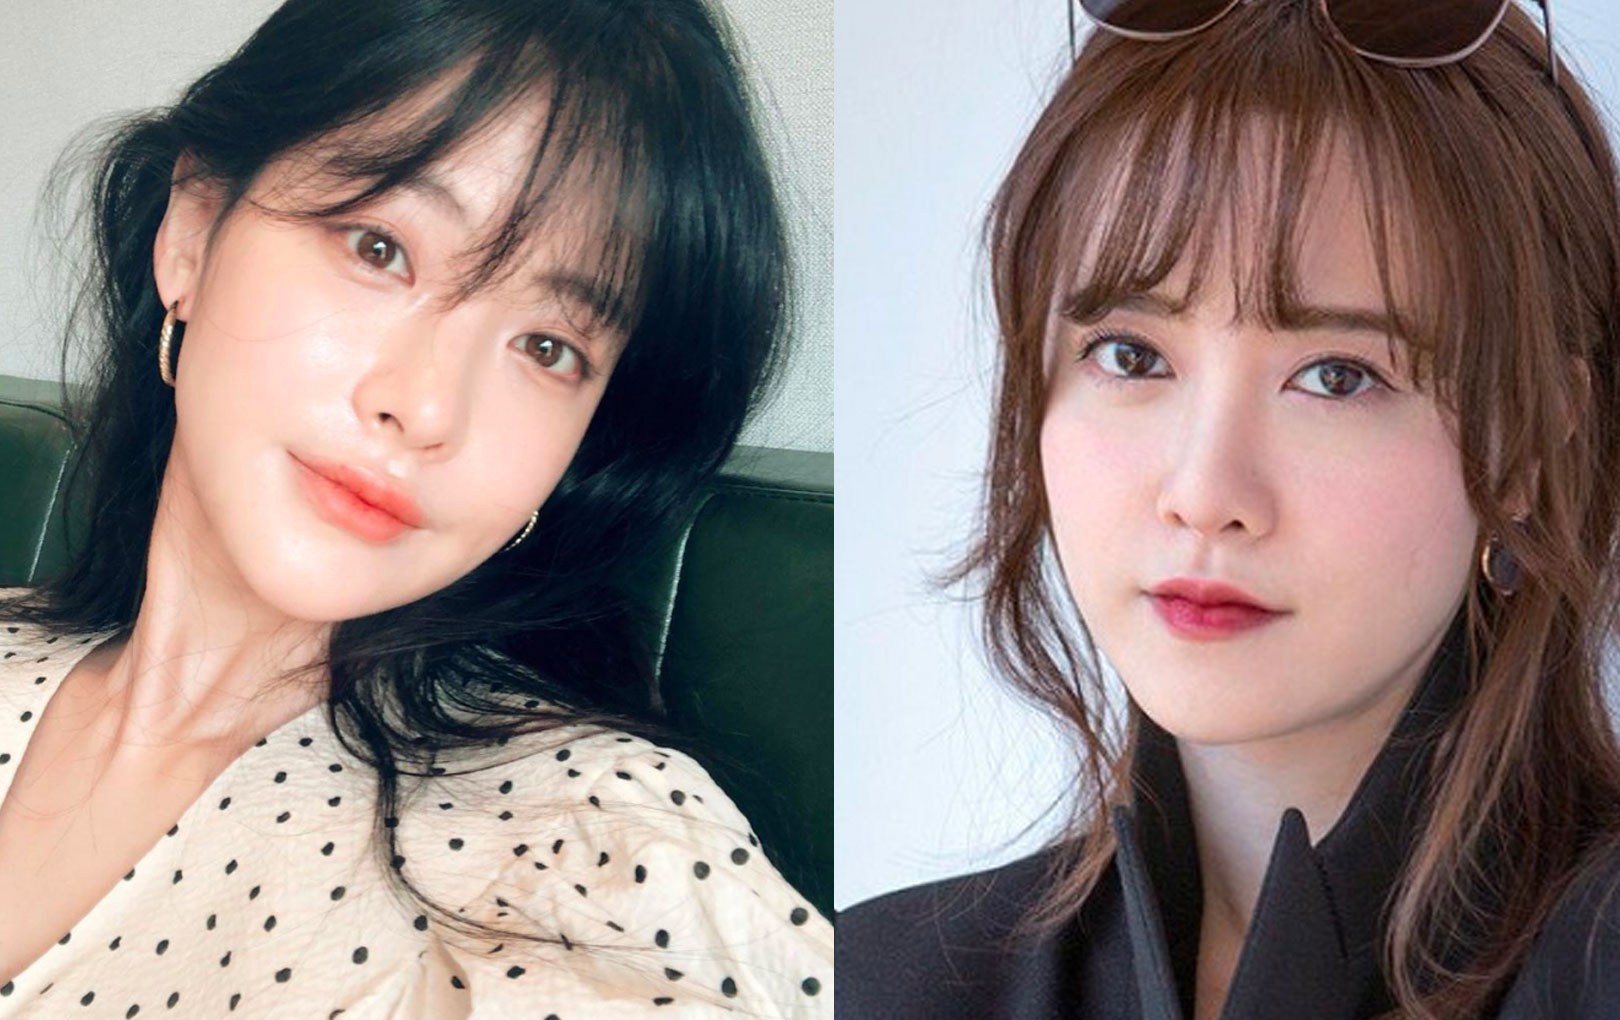 """Nhan sắc màn ảnh giữa Goo Hye Sun và Oh Yeon Seo: Chỉ vì gợi cảm, thần thái sắc sảo bỗng thành """"tiểu tam tin đồn"""""""